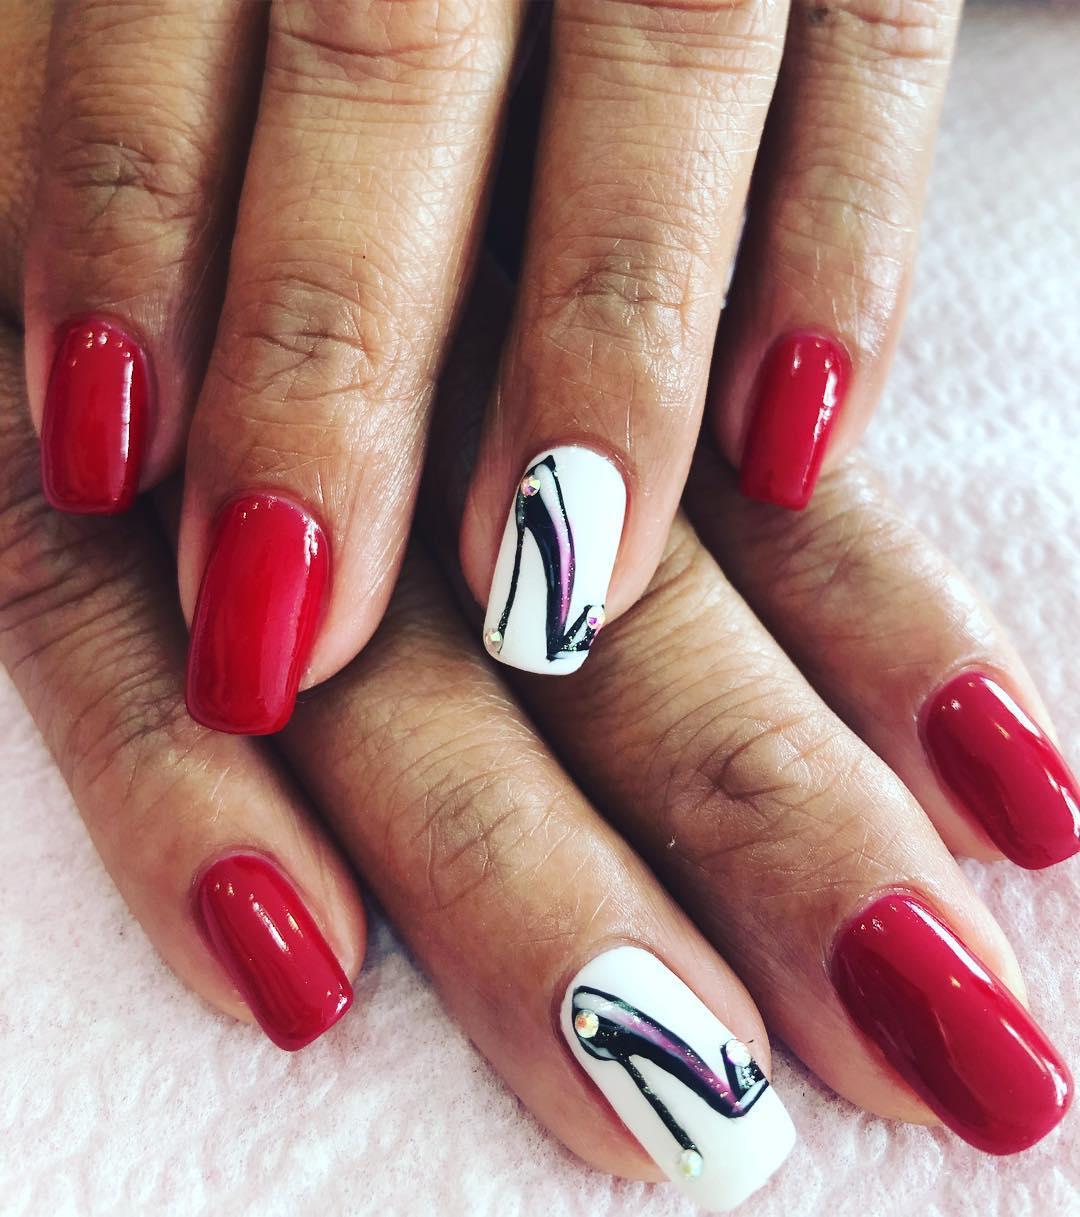 Mãos semi-permanentes com decoração # unhas vermelhas # decoraciondeuñas #lescala # u ...